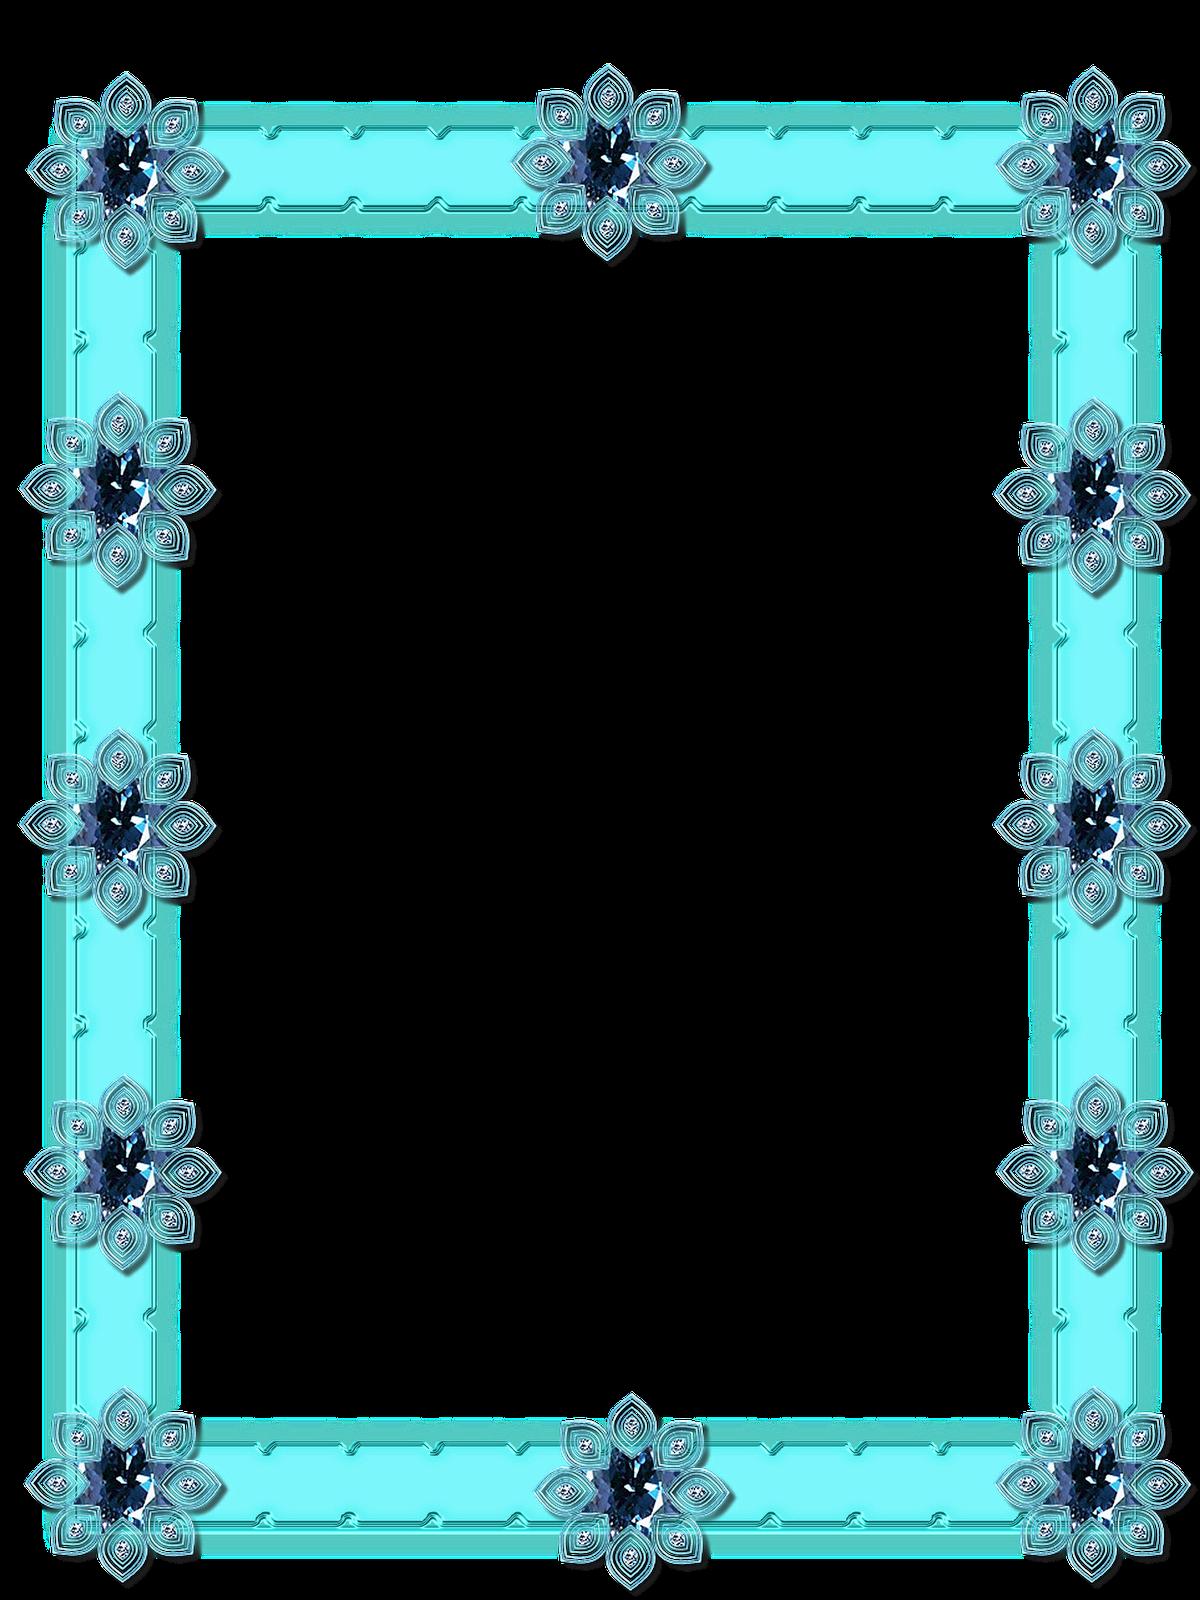 Blue+frames+281729.png (1200×1600)